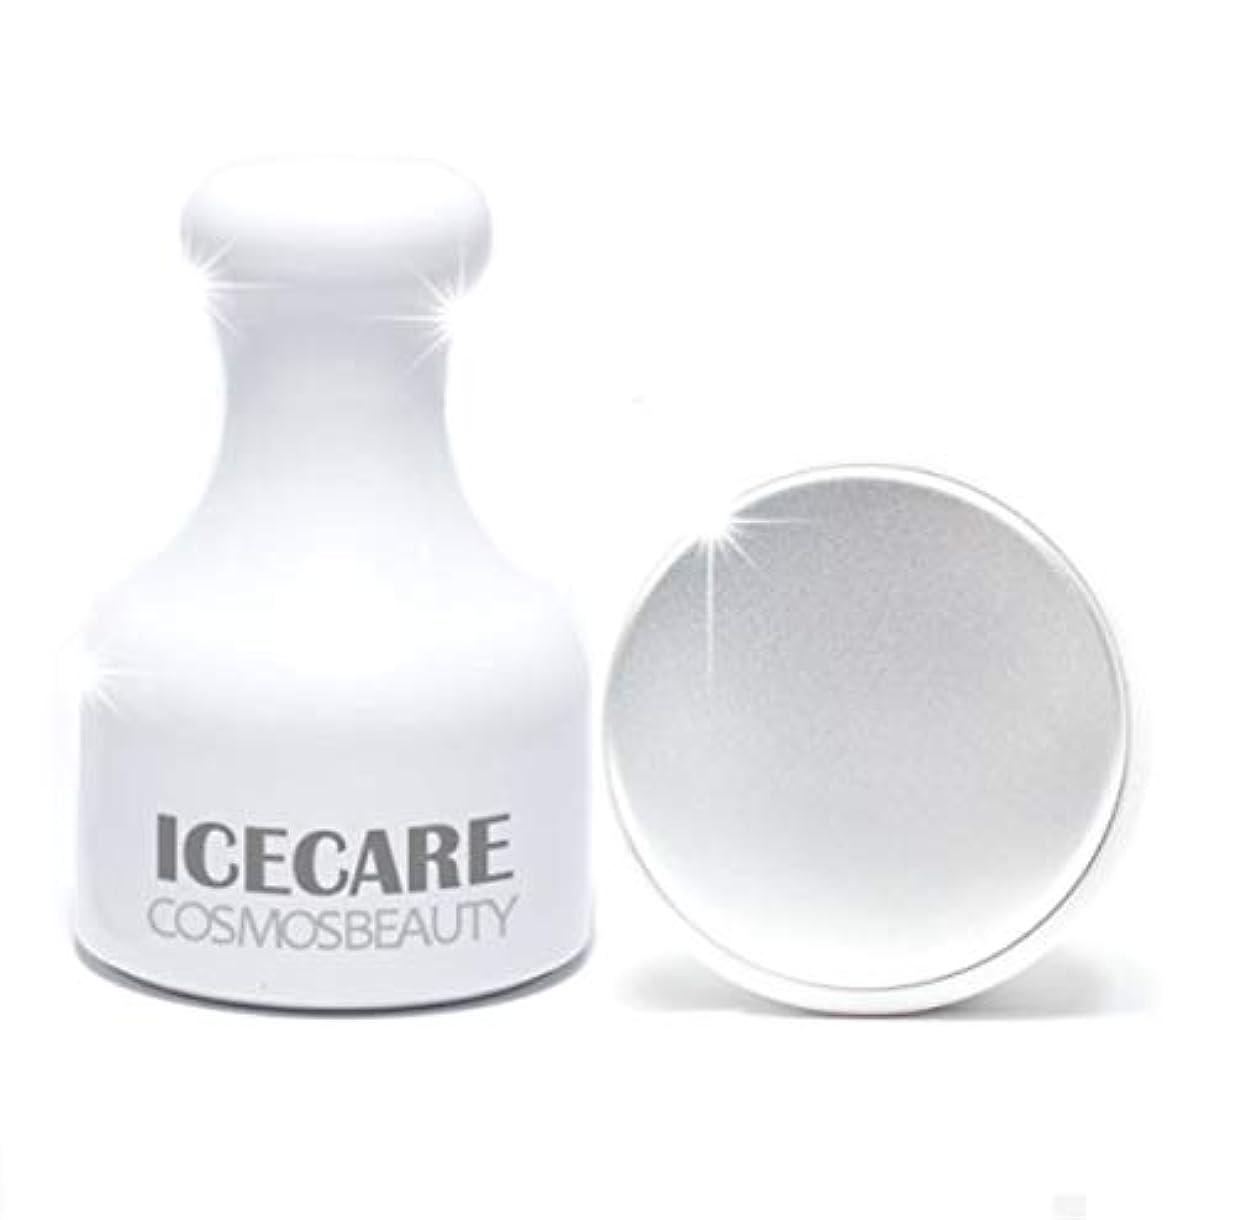 ワンダースリム堂々たるCosmosbeauty Ice Care 毛穴ケア、冷マッサージ,フェイスクーラーアイスローラーフェイスローラー顔マッサージ機構の腫れ抜き方法毛穴縮小(海外直送品)